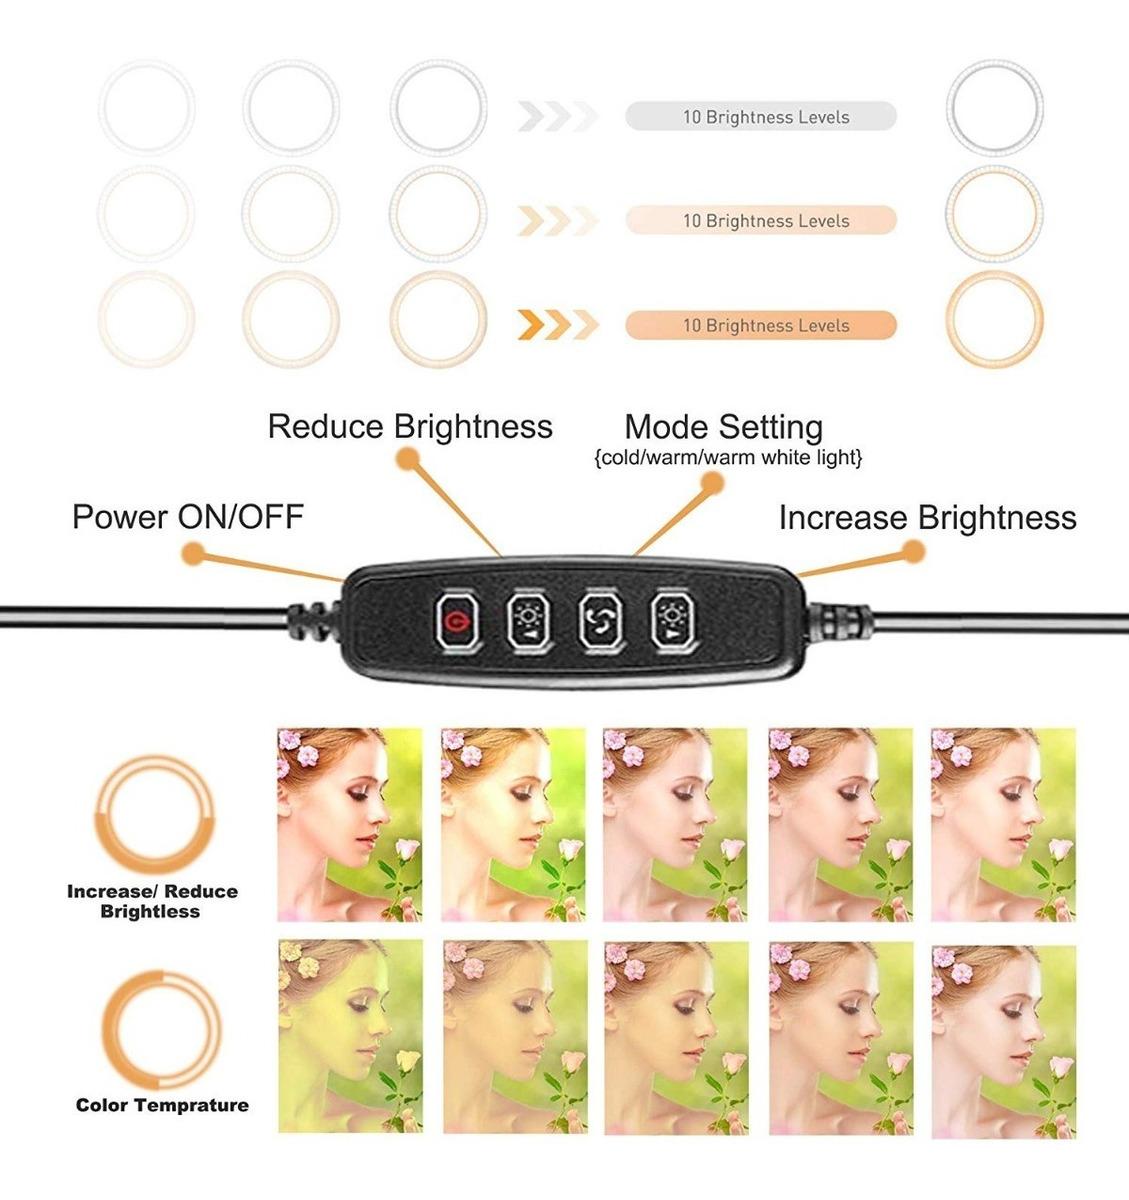 luz de Selfie para Maquillaje de Escritorio con 3 Modos de luz y 10 Niveles de Brillo para fotograf/ía de Youtube Anillo de luz LED de 10con Soporte para tr/ípode y Soporte para tel/éfono Flexible